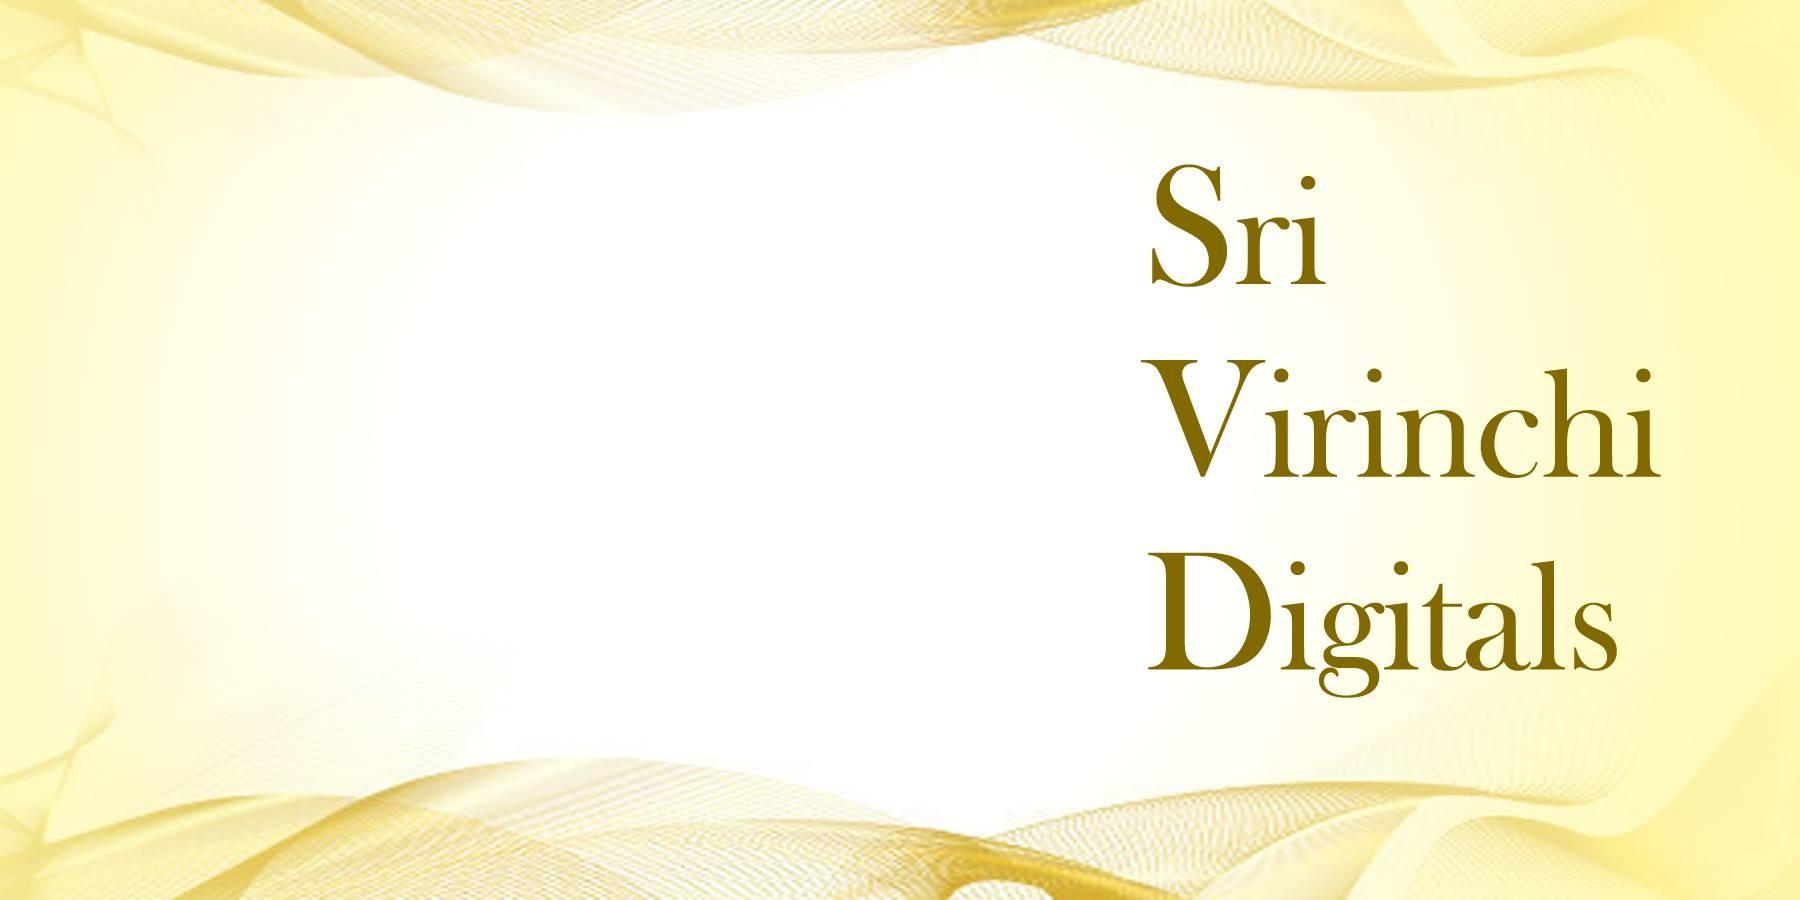 Sri Virinchi Digitals